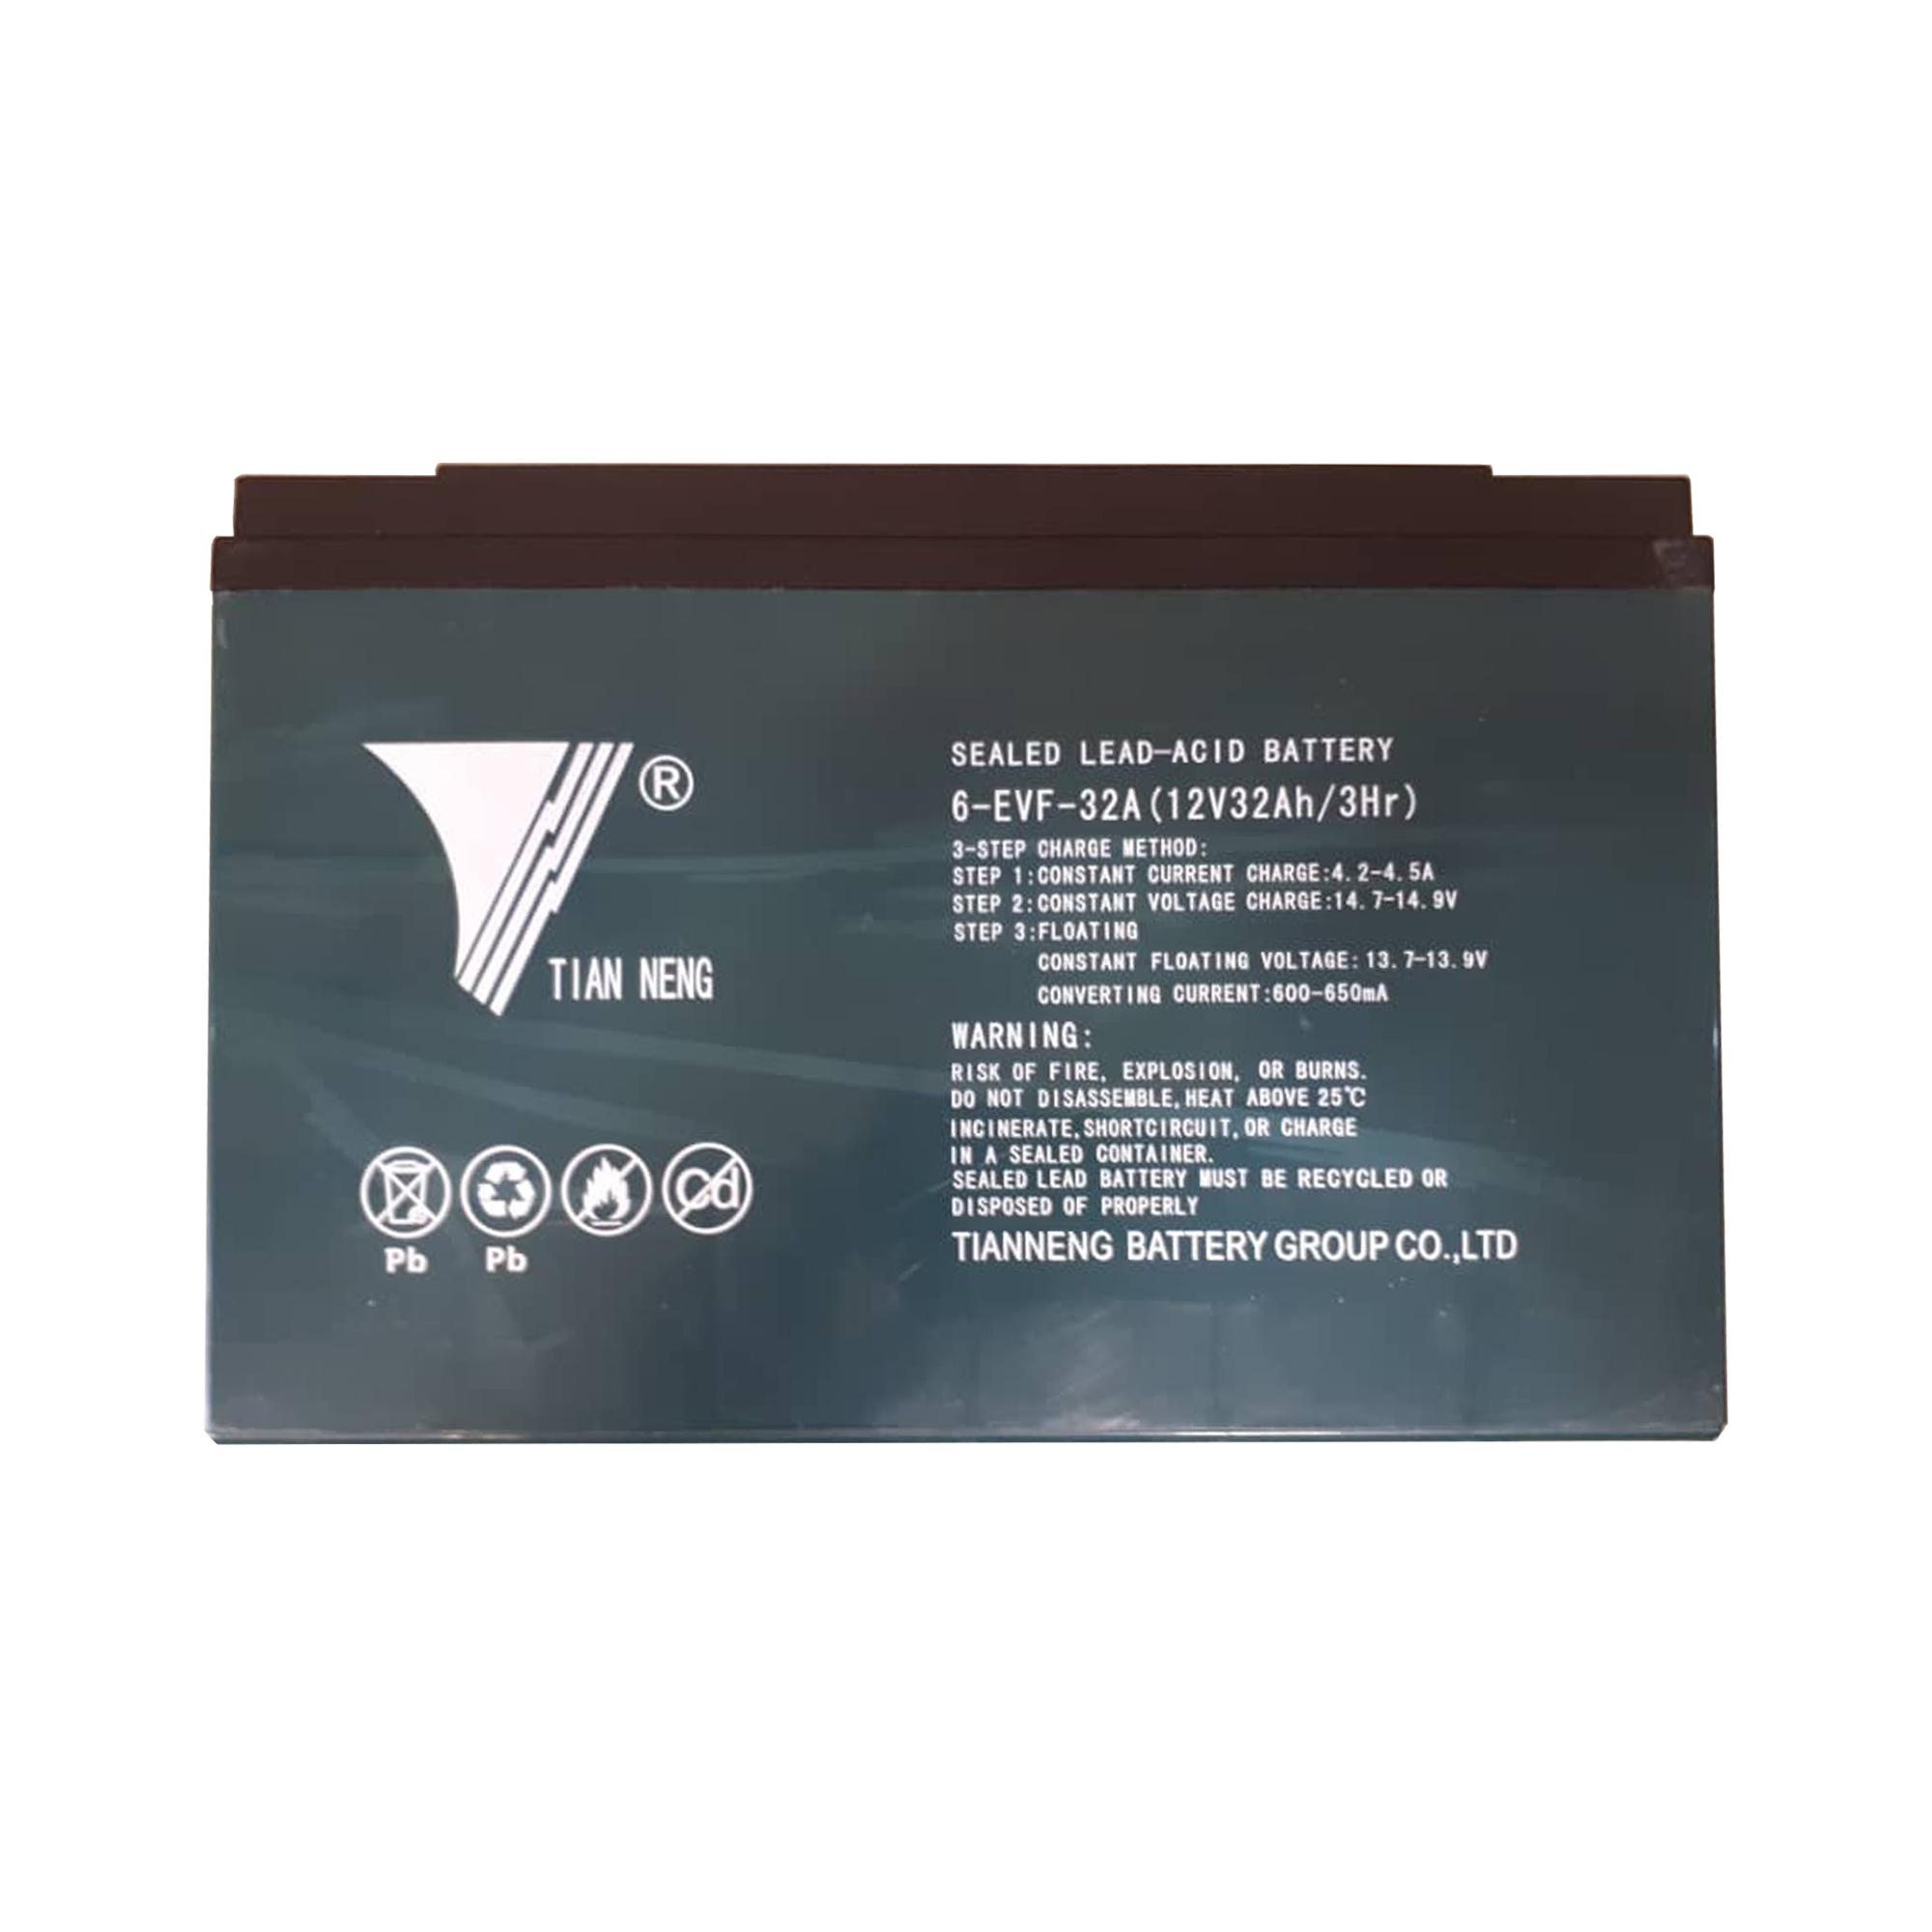 باتری موتور سیکلت تیانینگ مدل EVF32 بسته ۶عددی